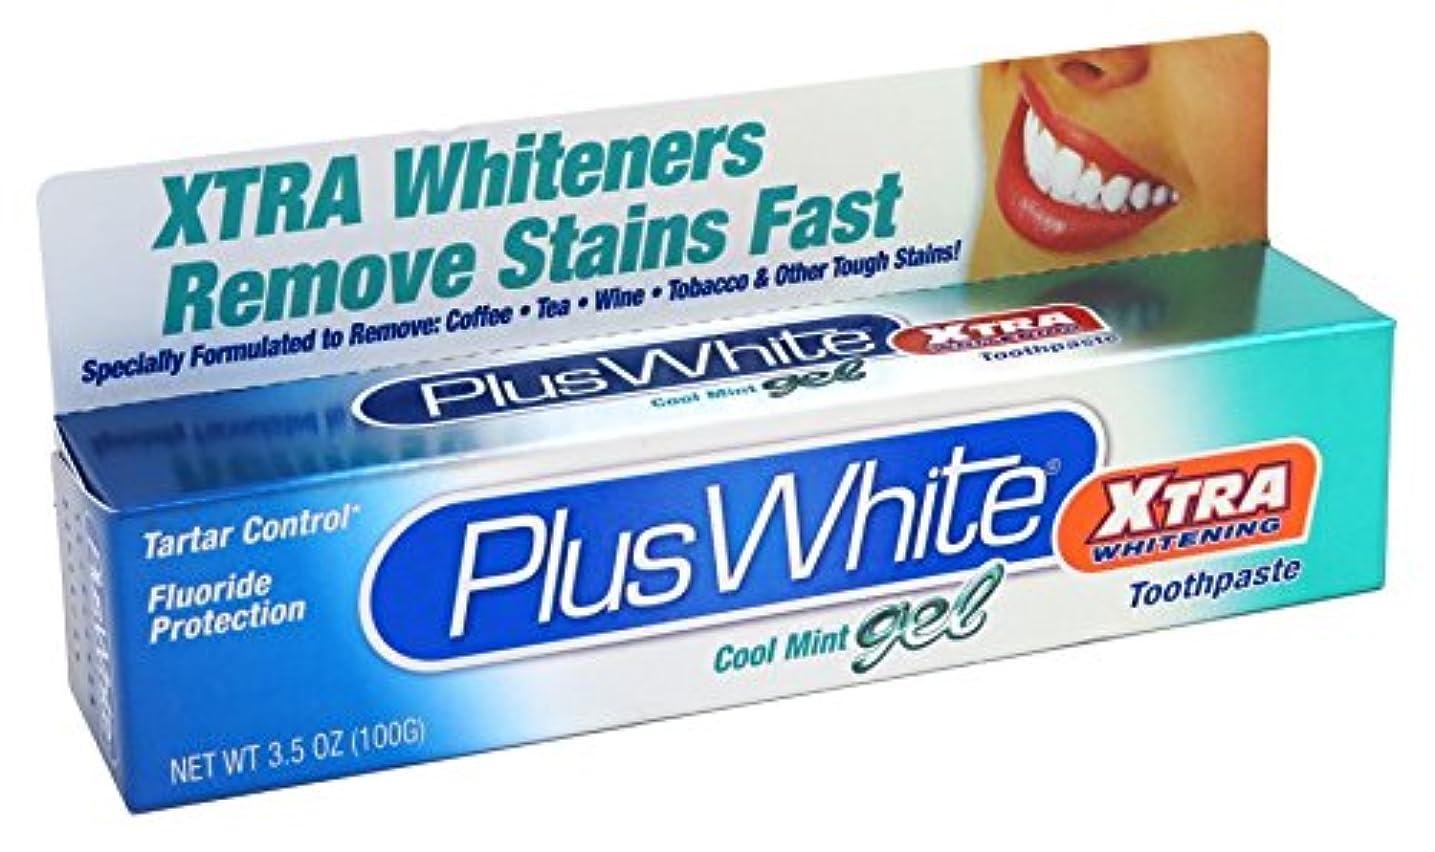 メジャー自治的偽強力ホワイトニング歯磨きミントジェル 104ml (並行輸入品)